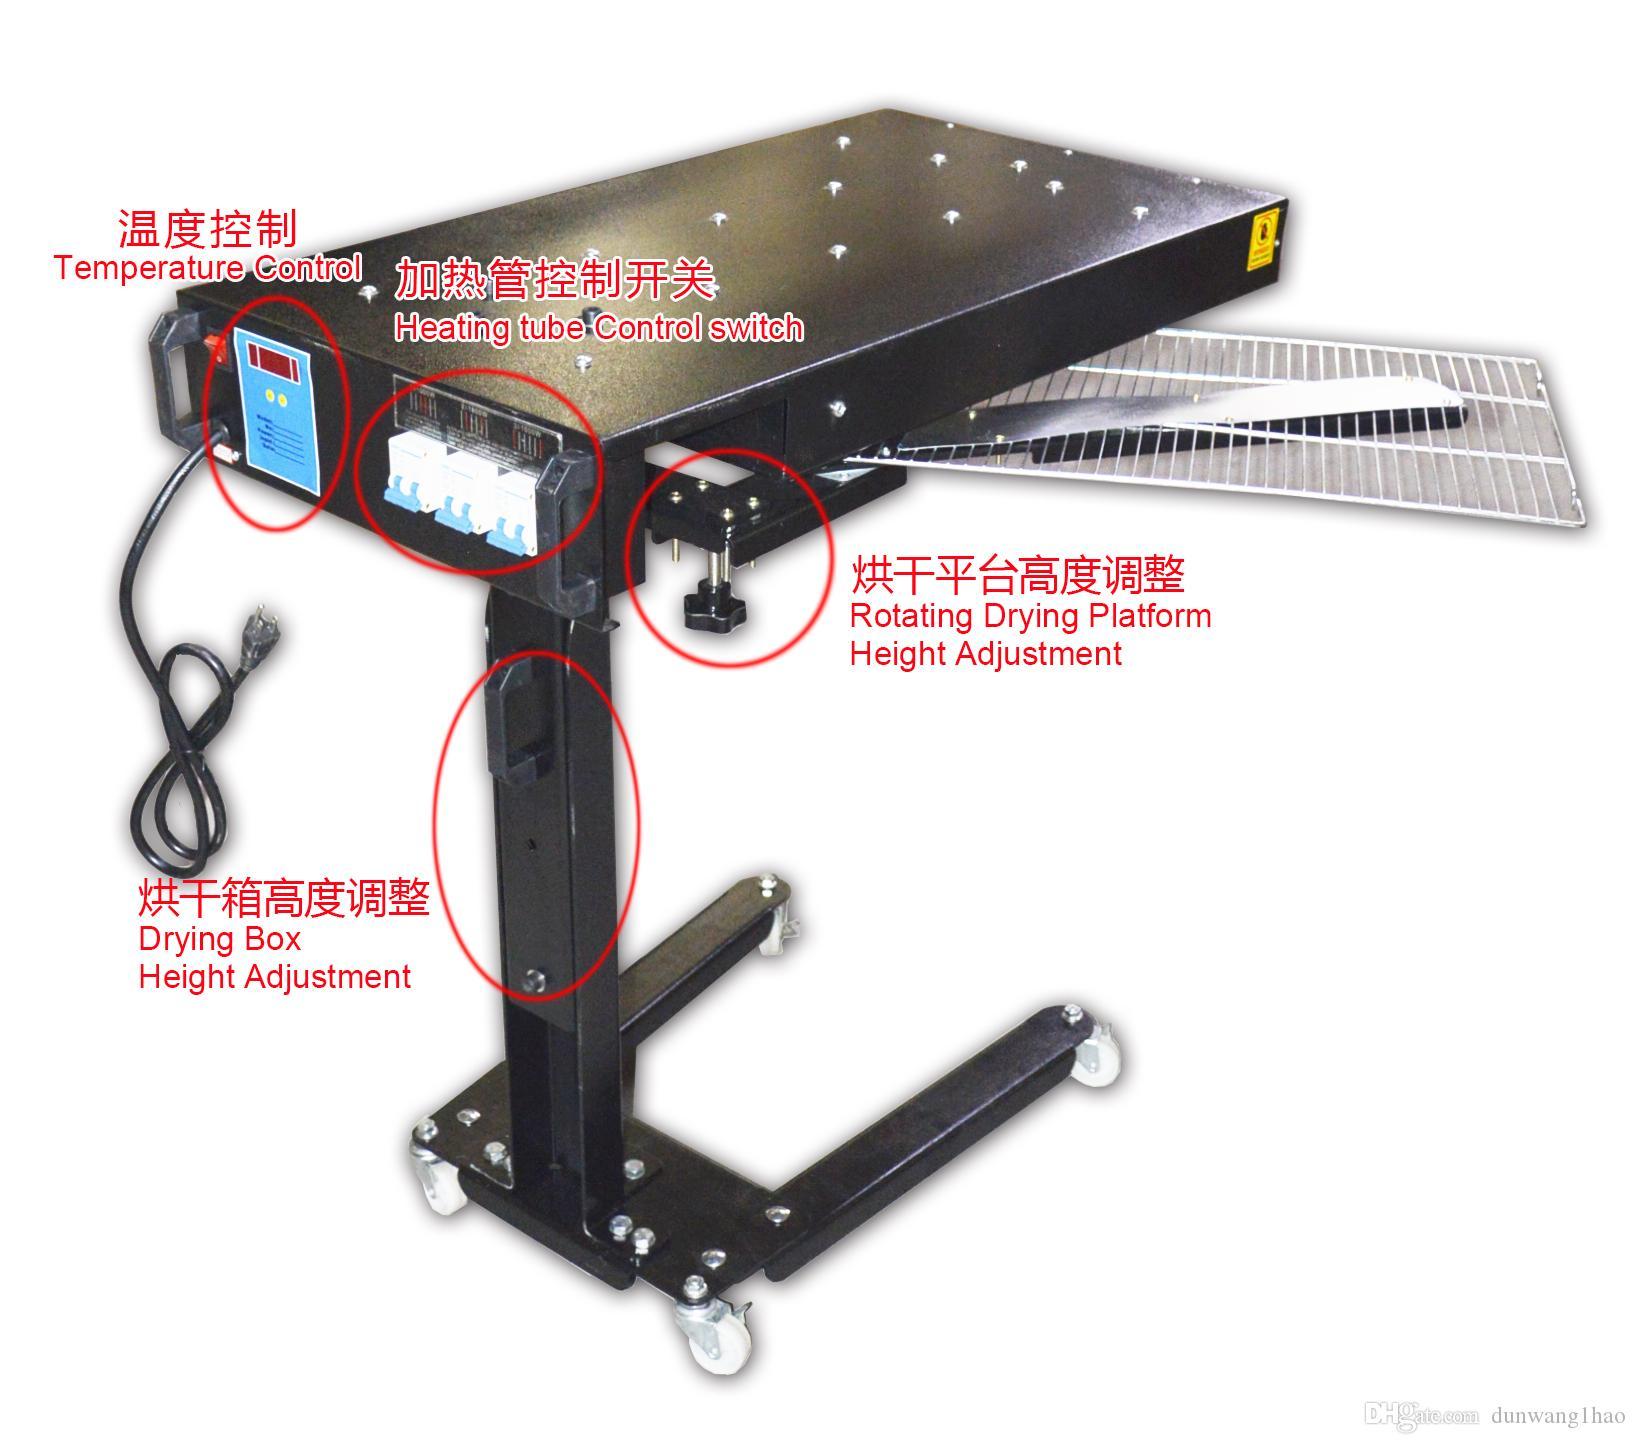 Tipo de piso Secador Flash Móvel Secador de Altura Ajustável Flash Silkscreen Novo transporte para o mundo popular operar de forma simples venda quente